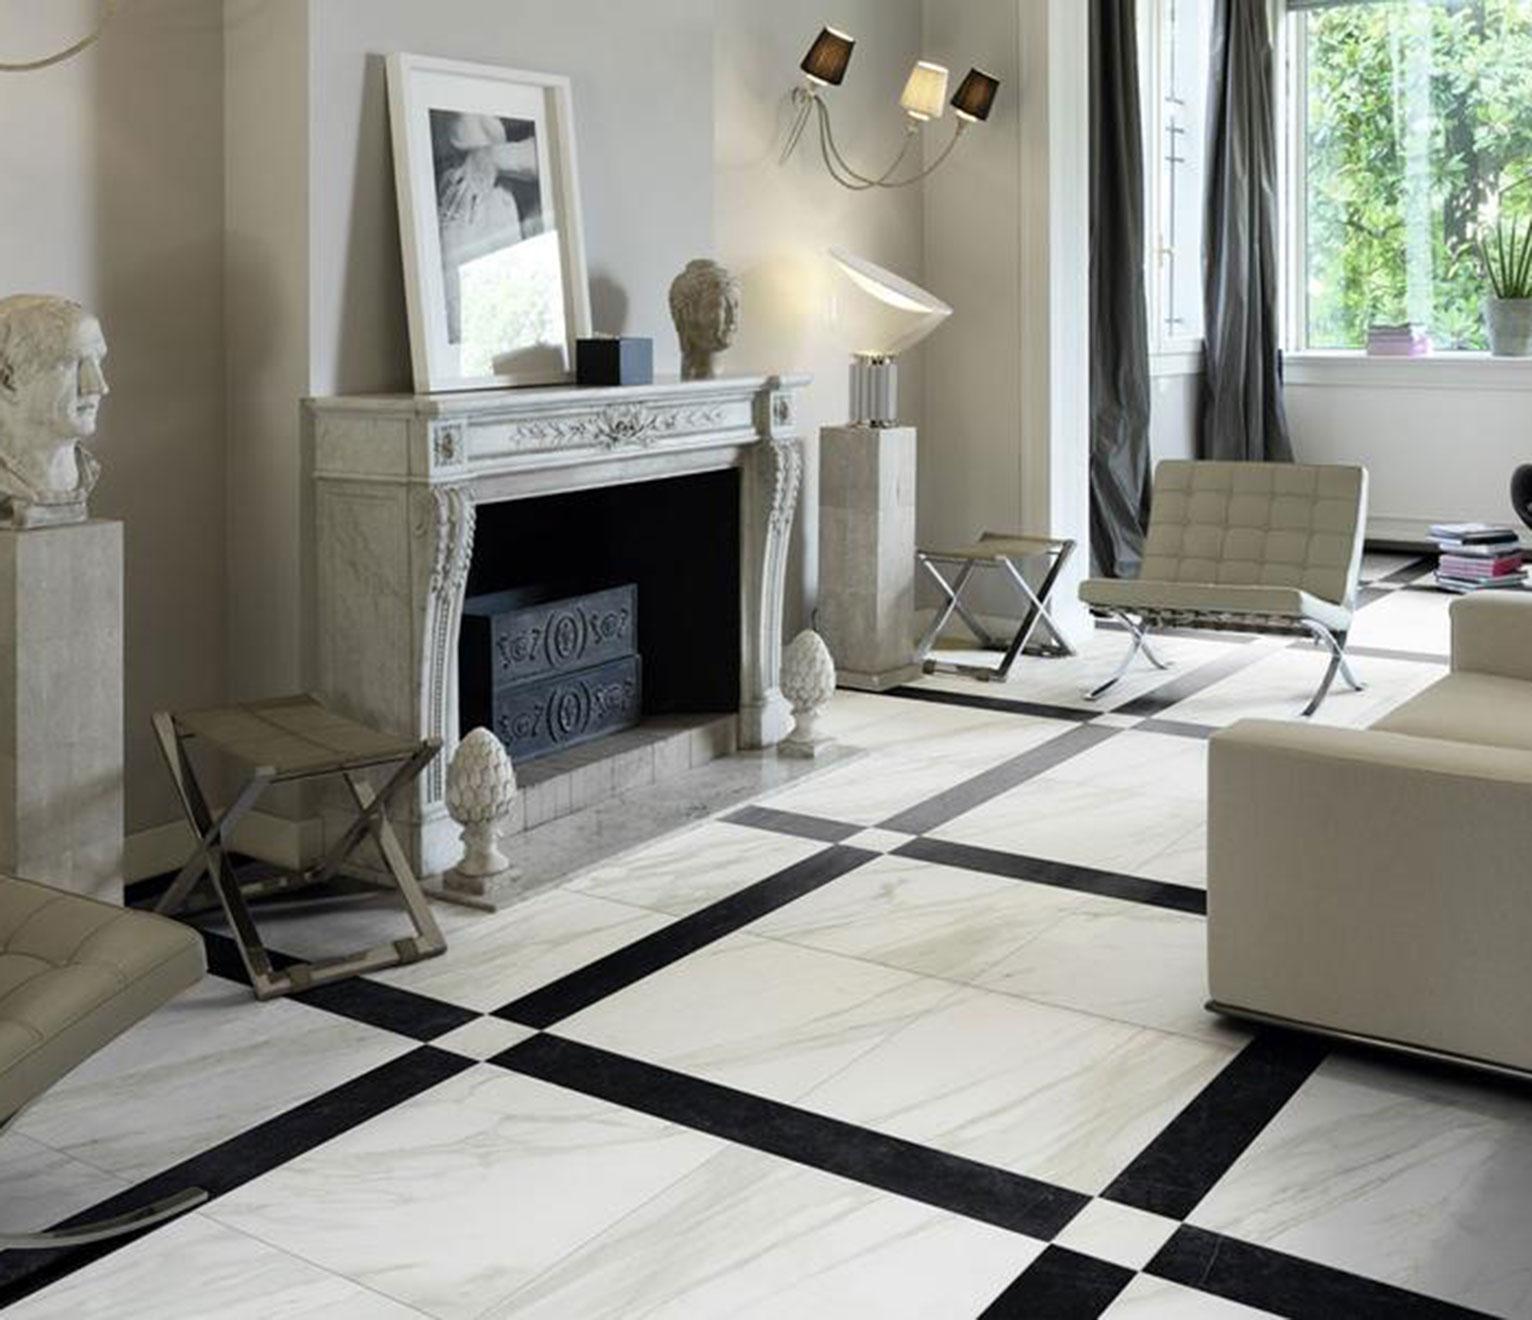 carreaux marbre épurés pour salon design